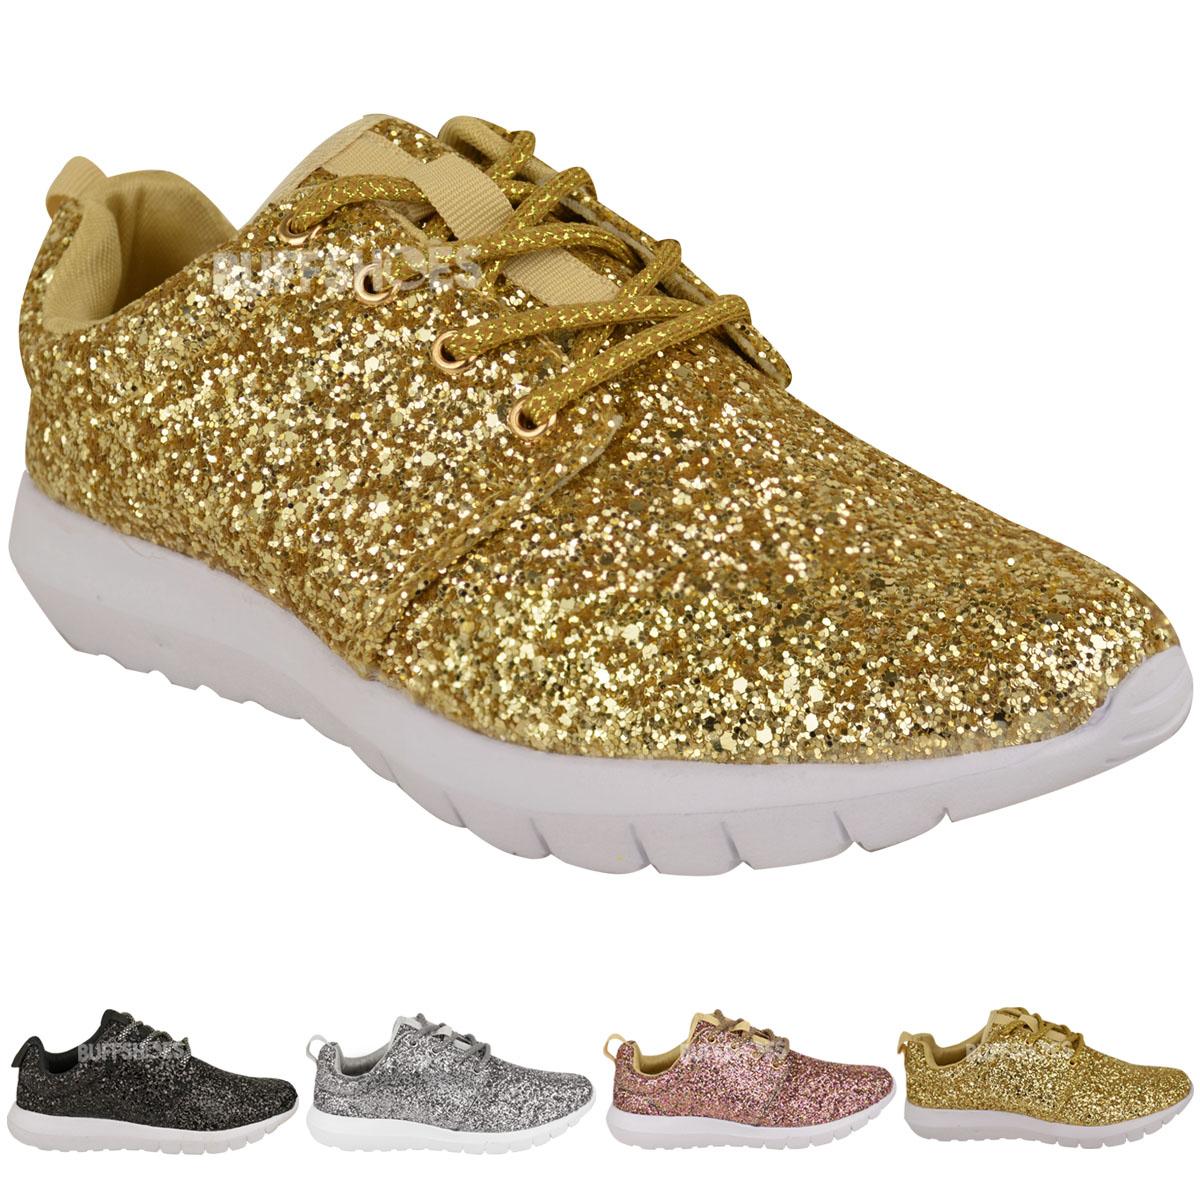 Gold Sequin Tennis Shoes Best Dresses 2019